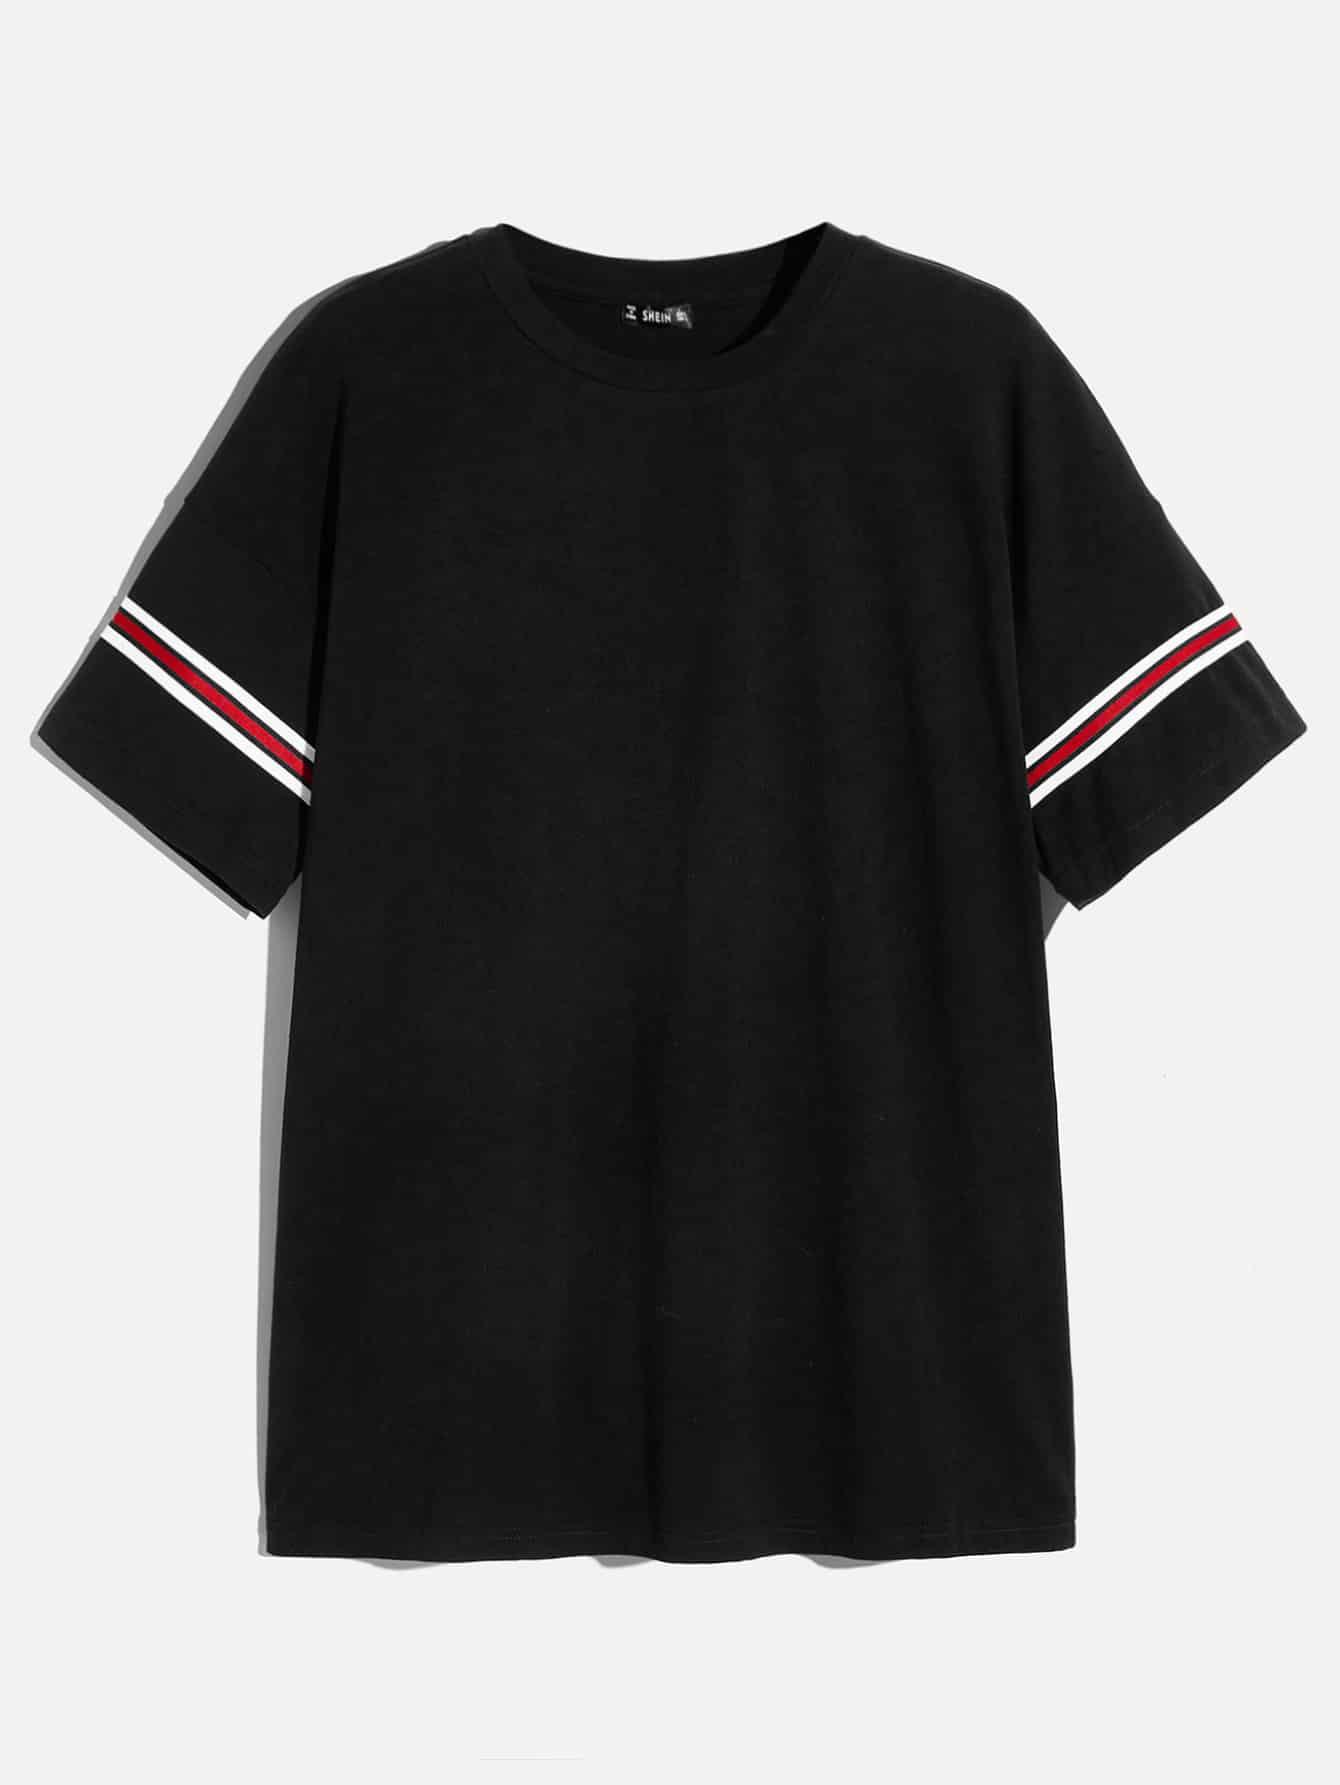 Купить Мужская футболка с полосатым рукавом и круглым воротником, null, SheIn